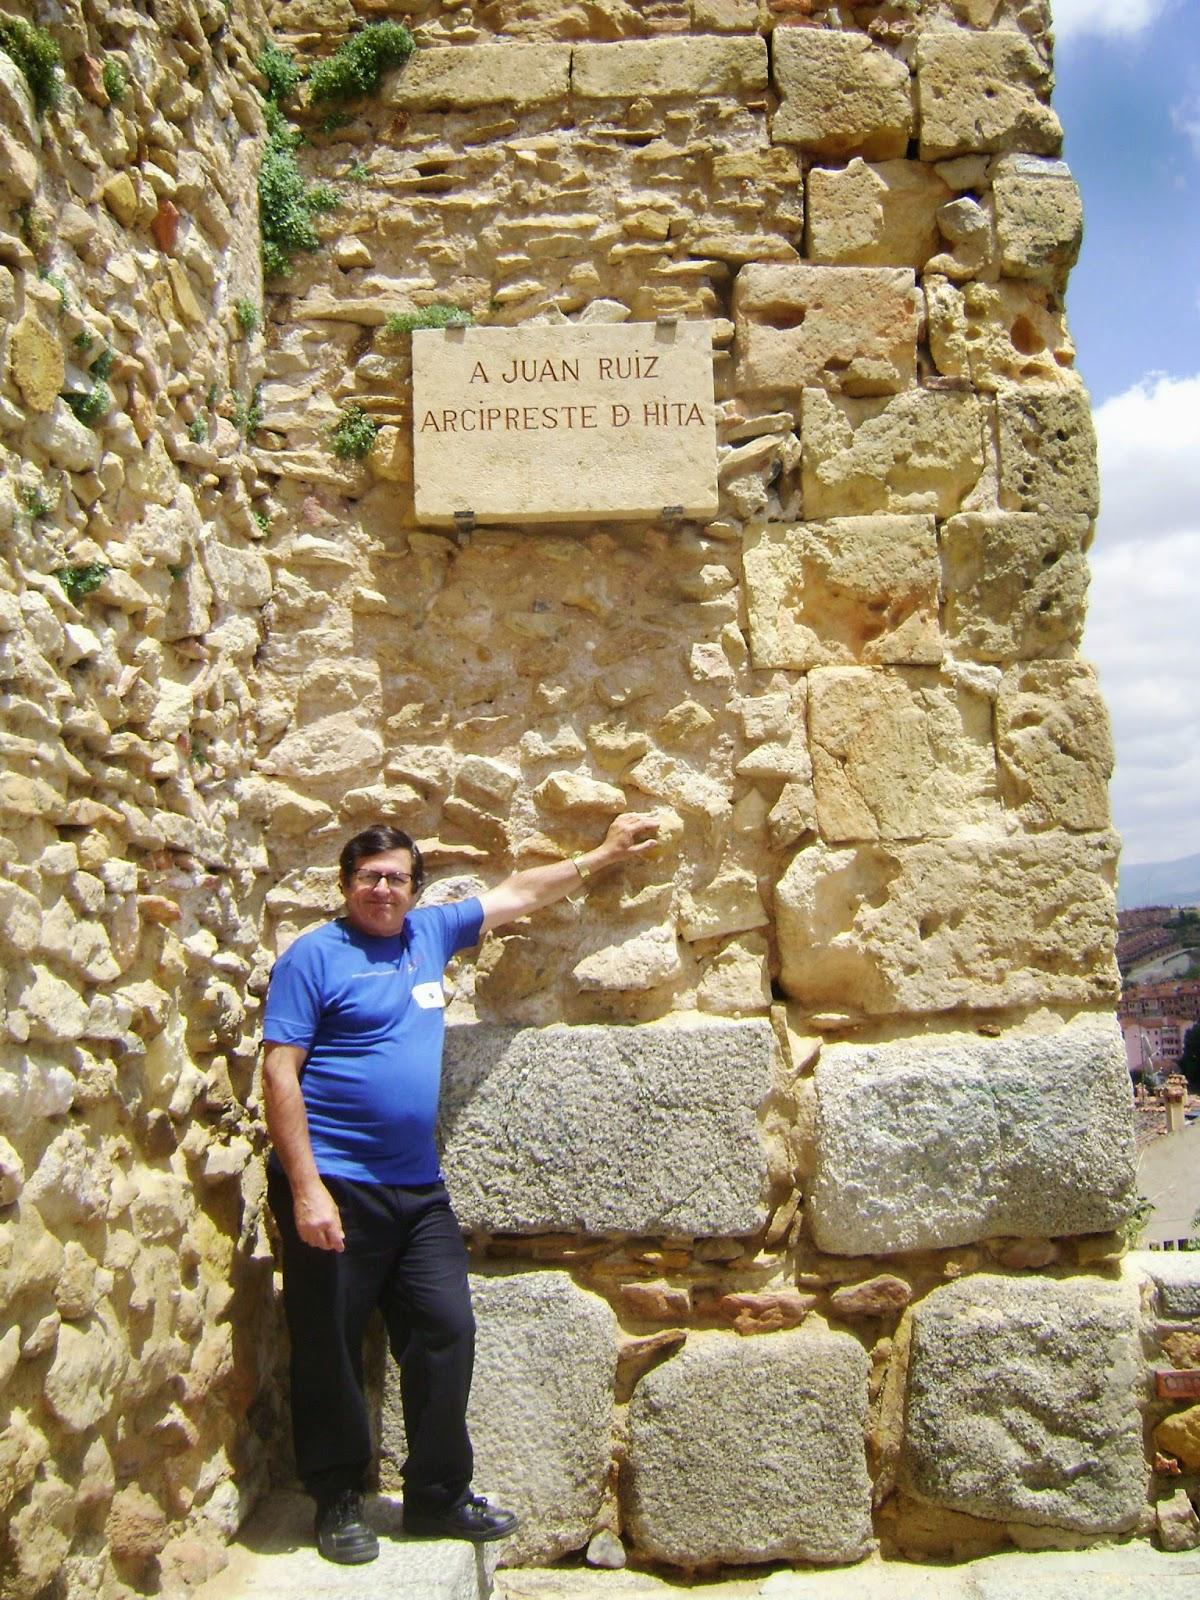 """""""Arcipreste de hita, en Segovia, España"""""""